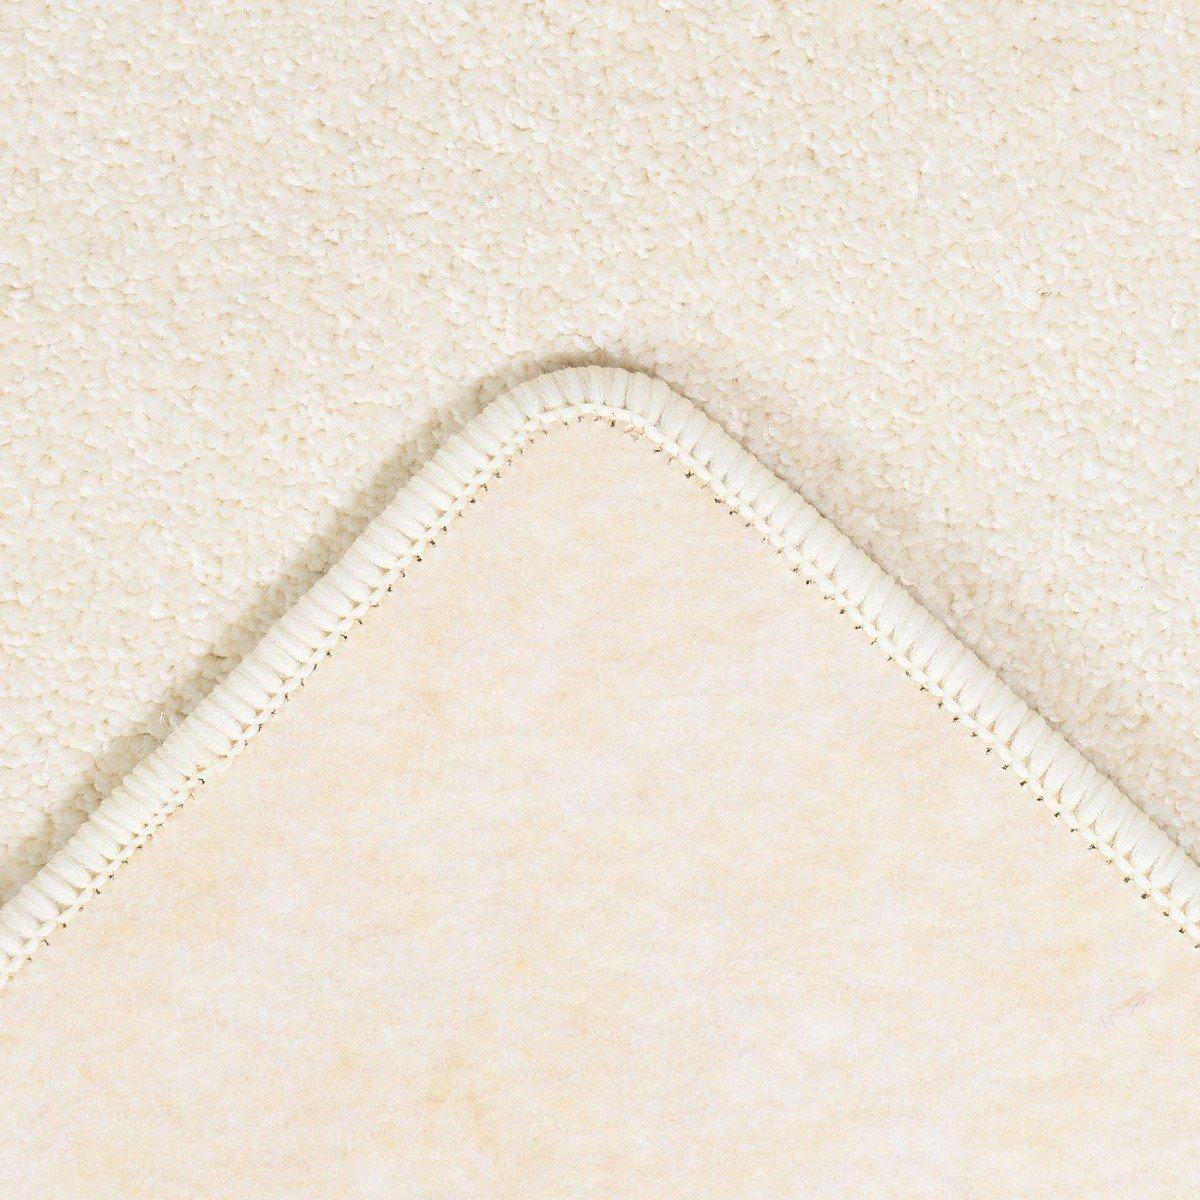 Havatex Velours Teppich Burbon - 16 16 16 moderne sowie klassische Farben   Top Preis-Leistung   Prüfsiegel  TÜV-geprüft & schadstoffgeprüft, Farbe Schoko-Braun, Größe 200 x 250 cm B00FQ120BU Teppiche d9c369